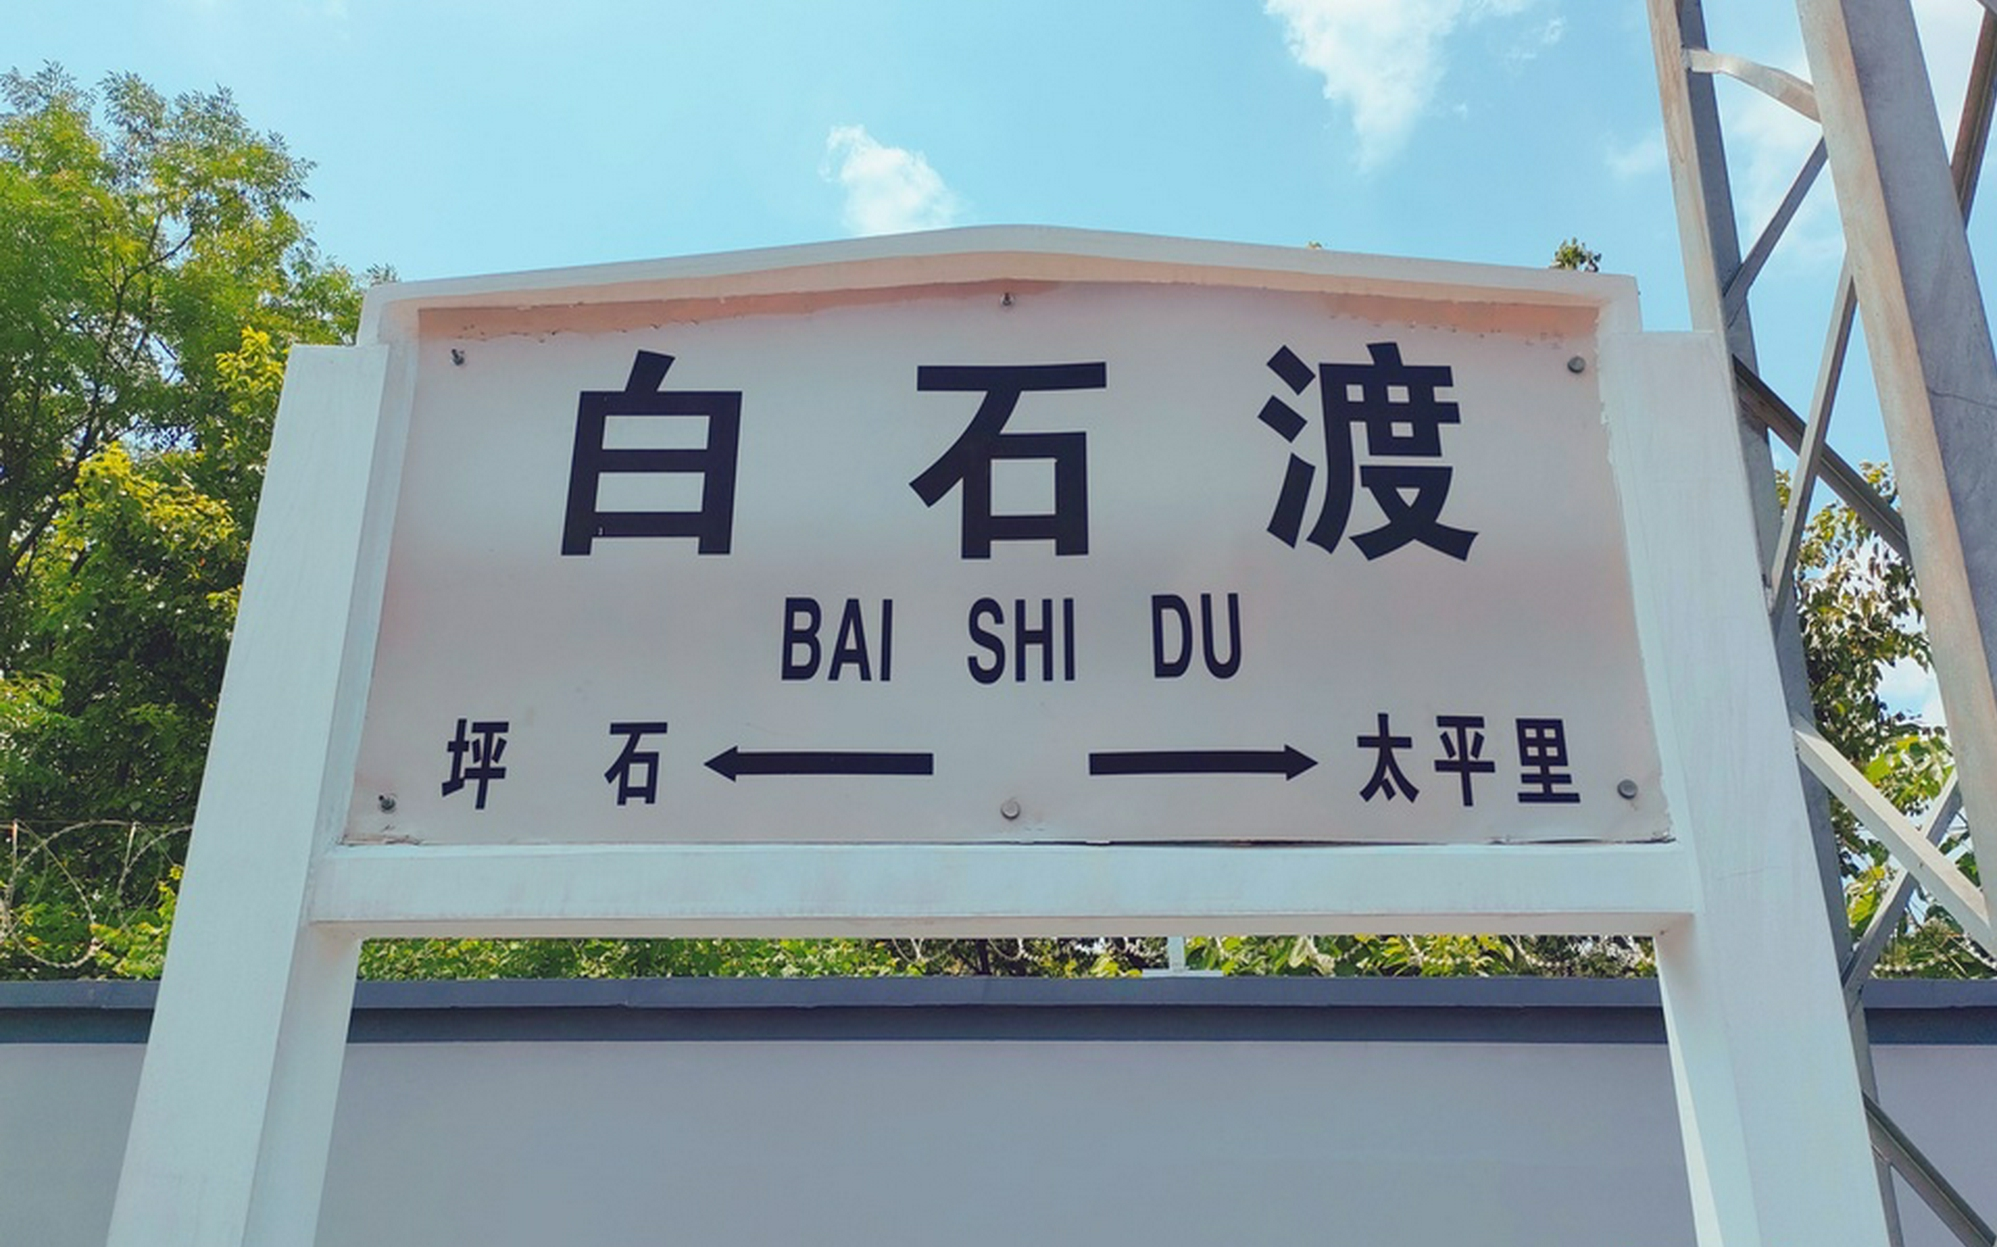 揭秘百年粤汉铁路丨湖南最南小站白石渡,到广东仅6分钟